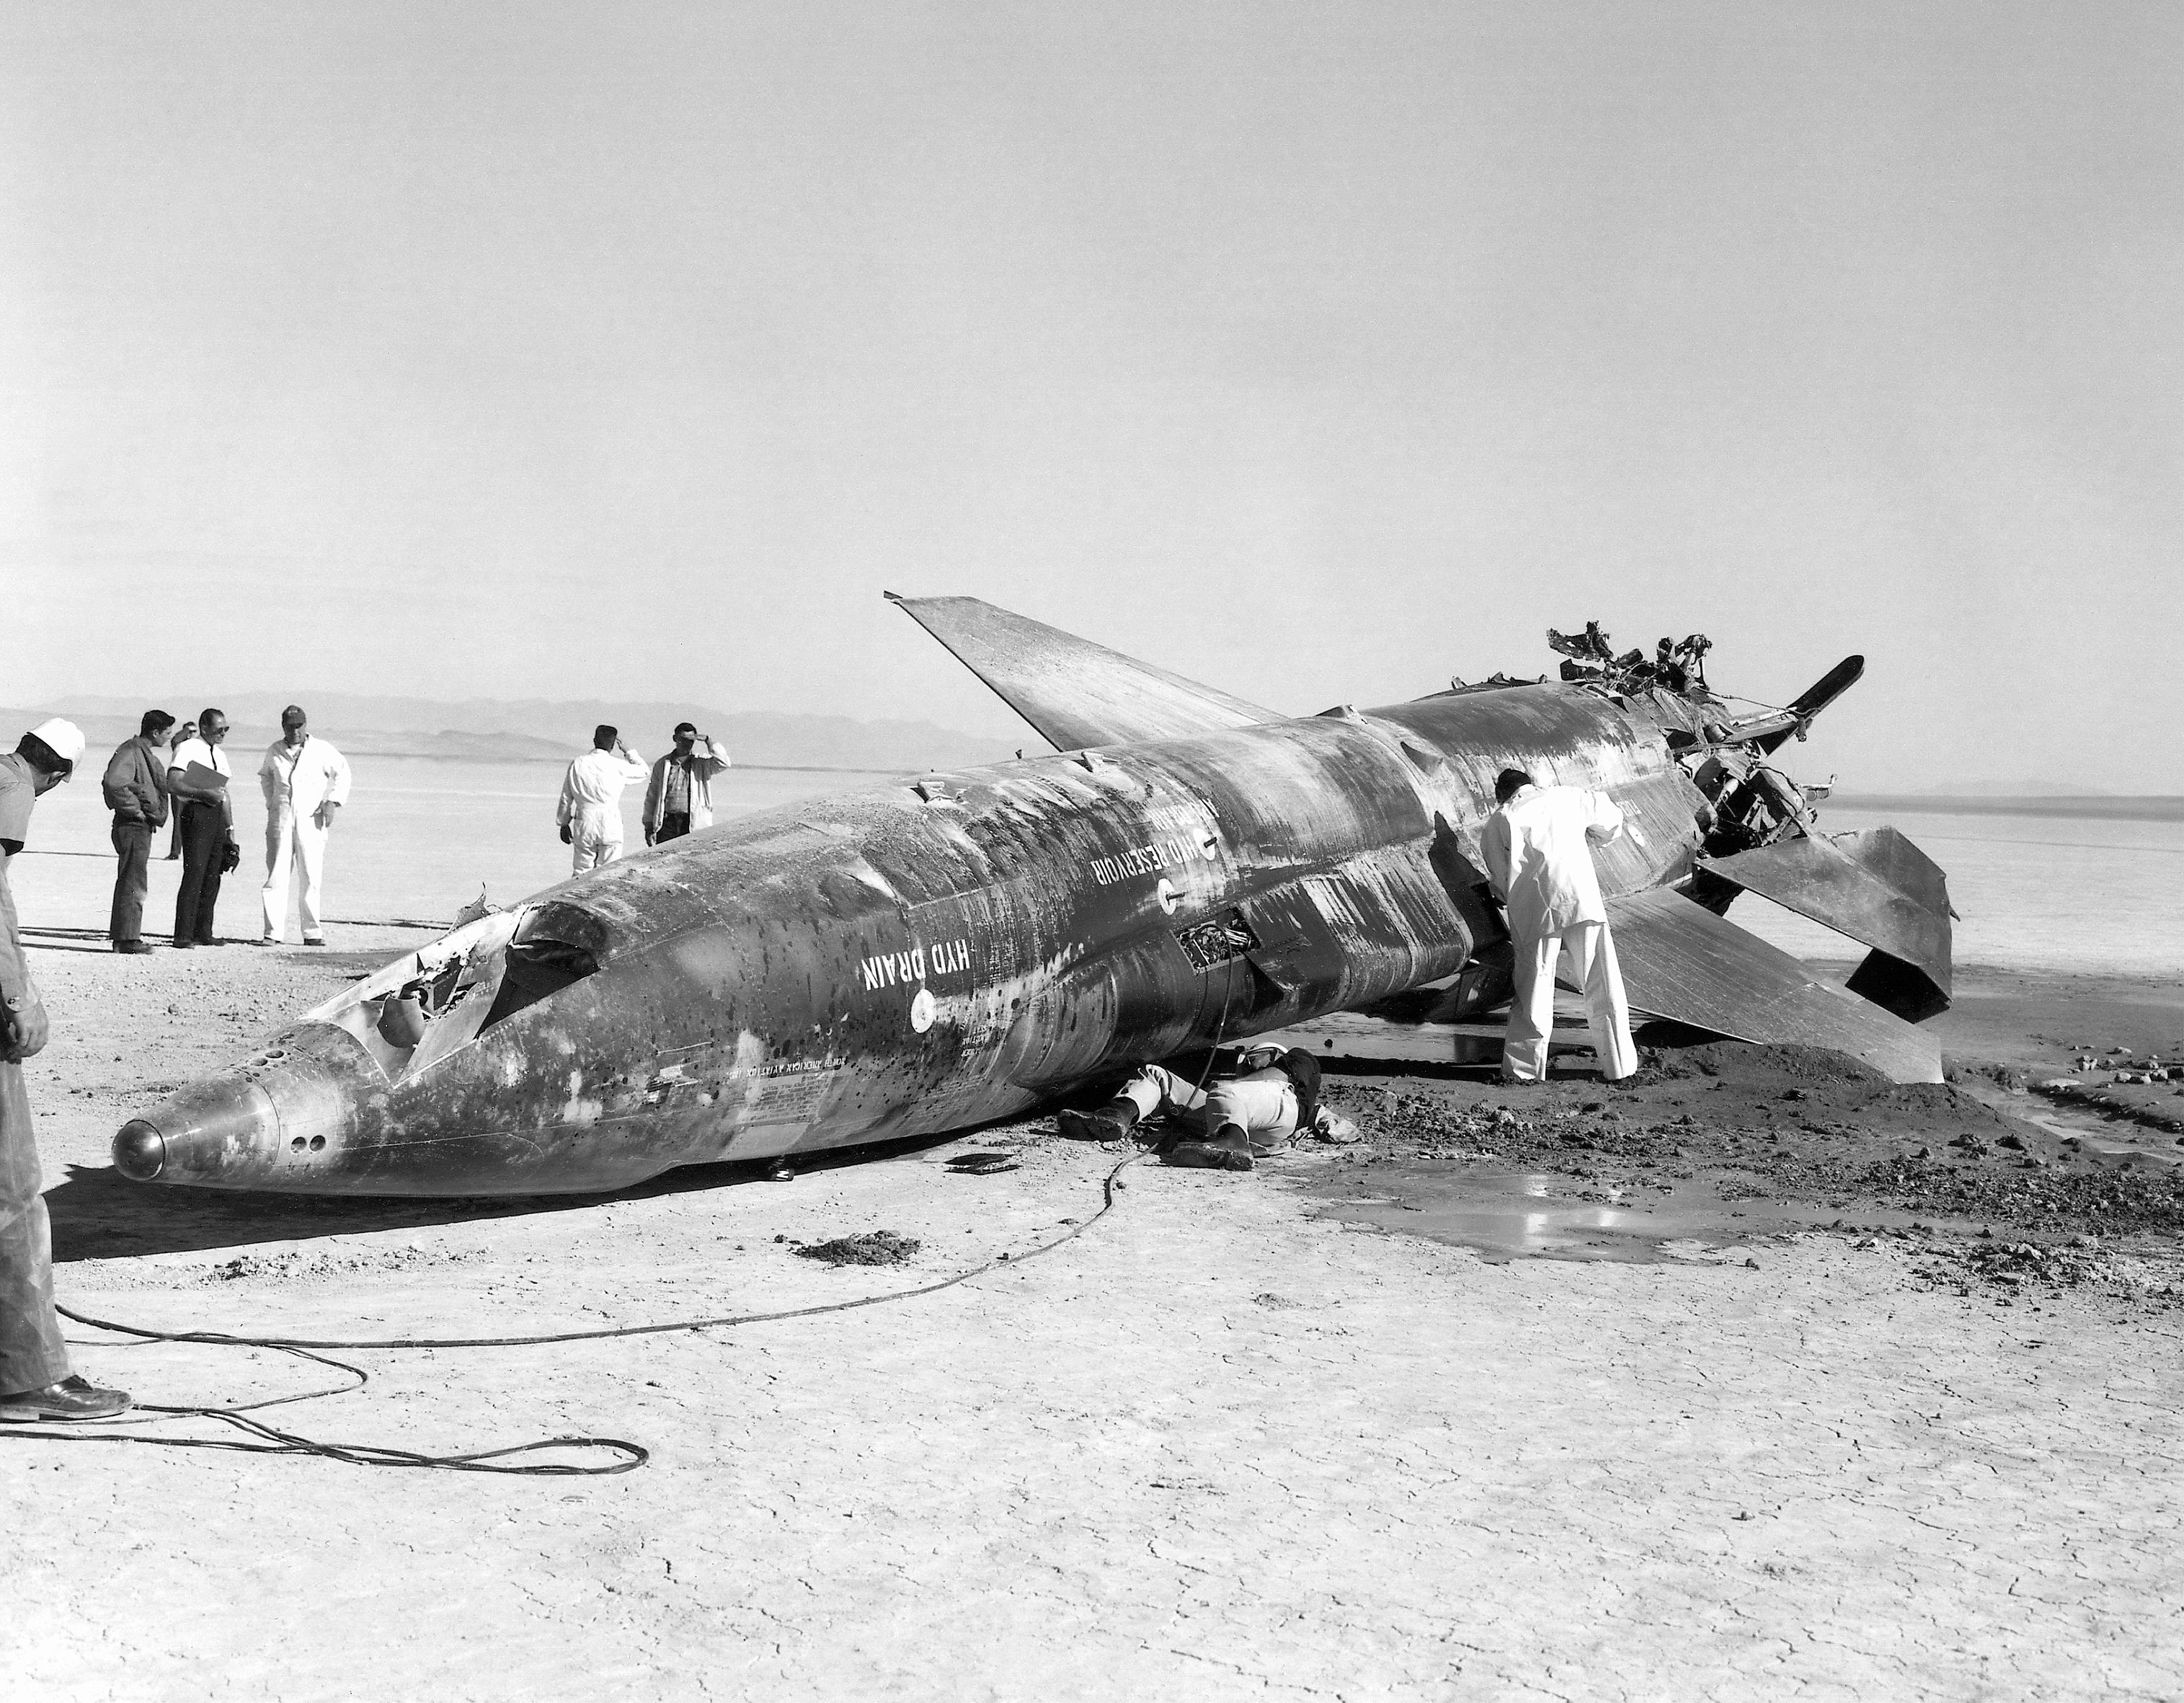 nasa accidents history - photo #1